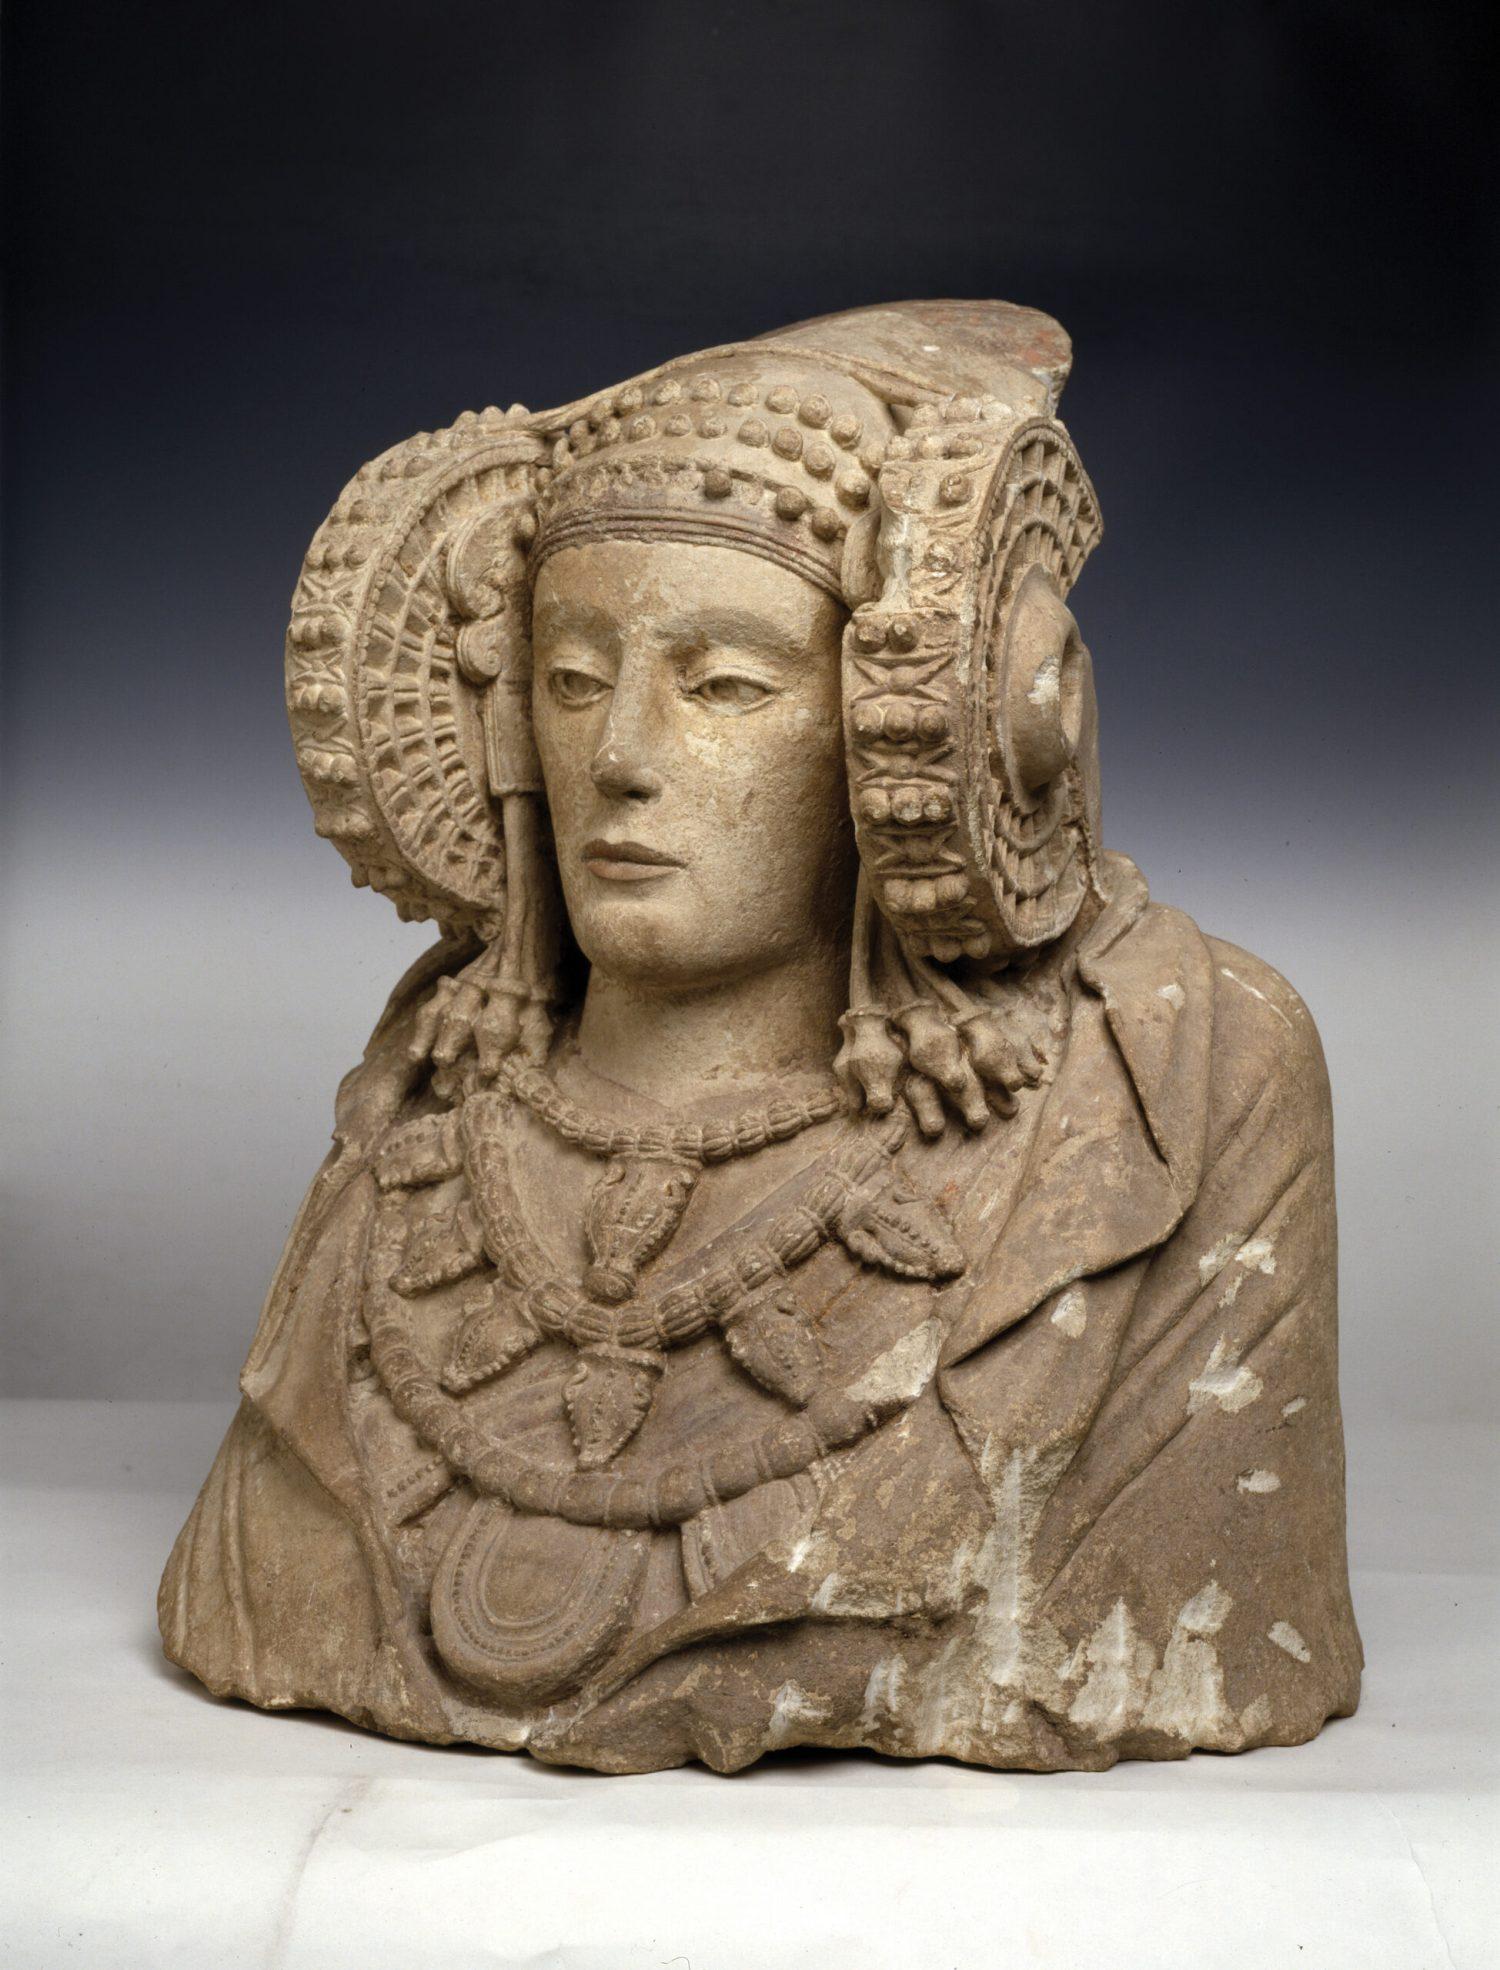 below Dama de Elche (Lady of Elche). Alcudia (Alicante), 5th-4th century BC, limestone. Size: 49 x 56.6 x 39cm